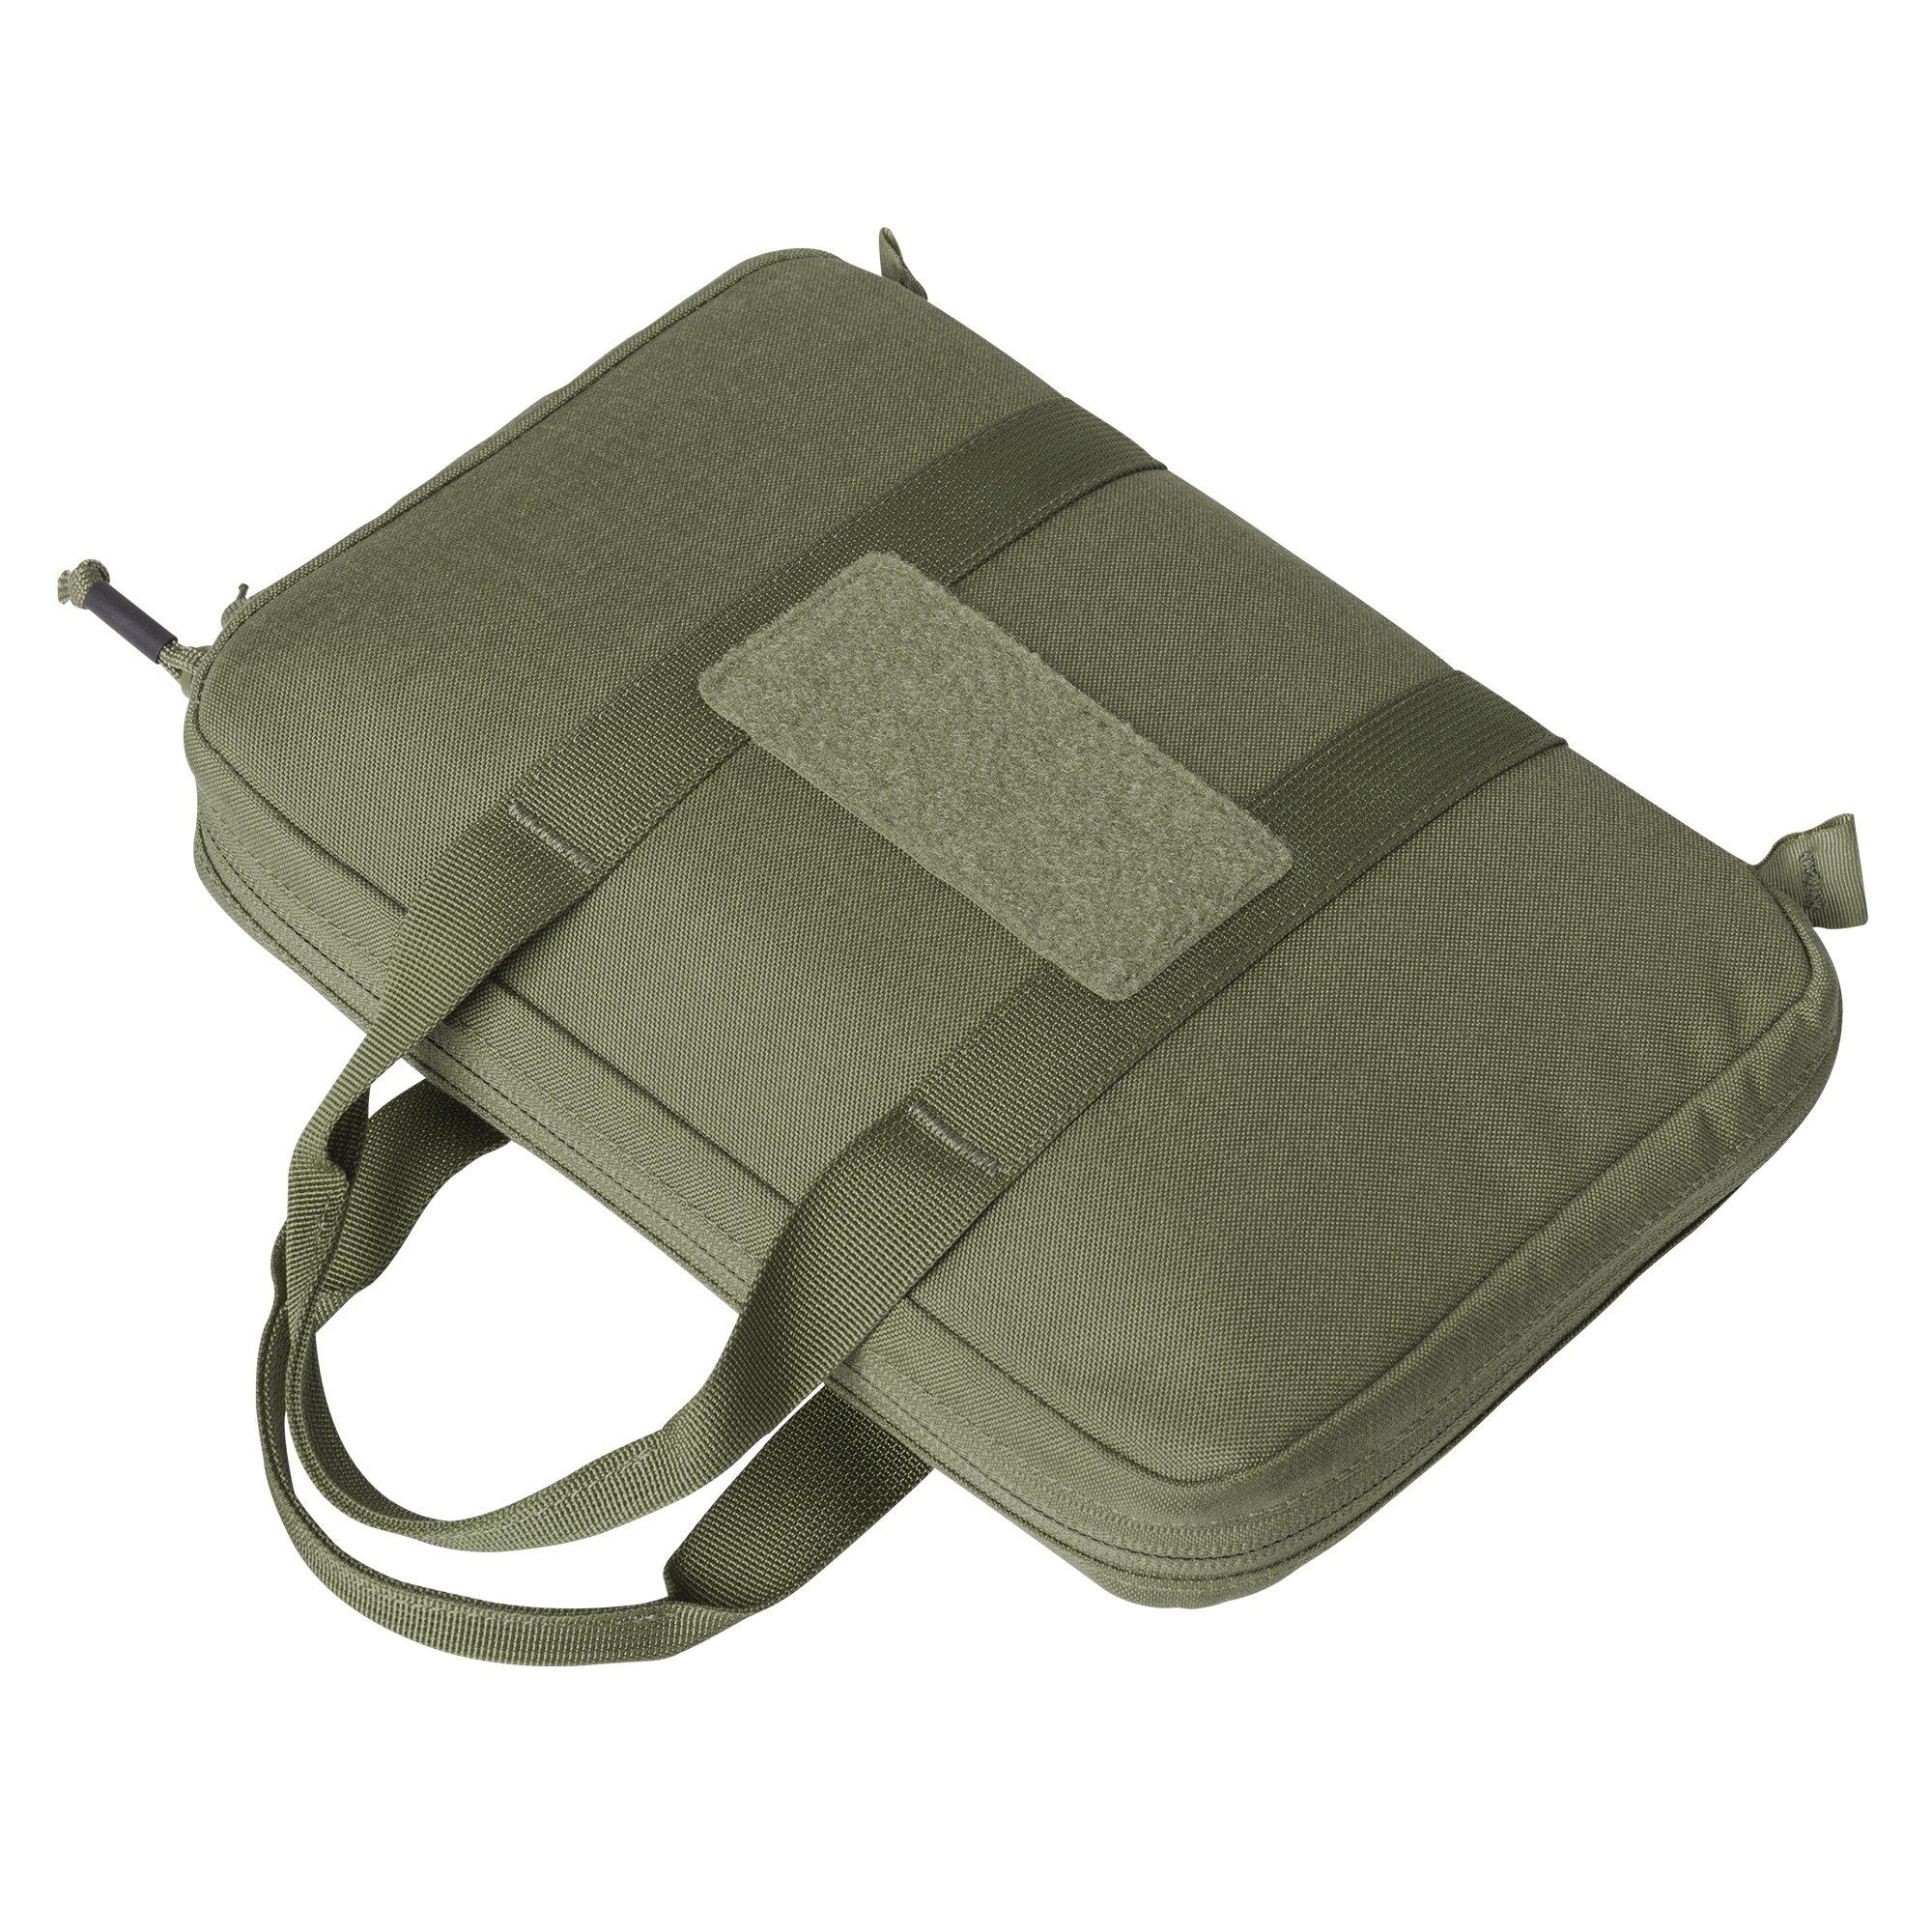 Helikon-Tex Range Line, Single Pistol Wallet Olive Green by Helikon-Tex